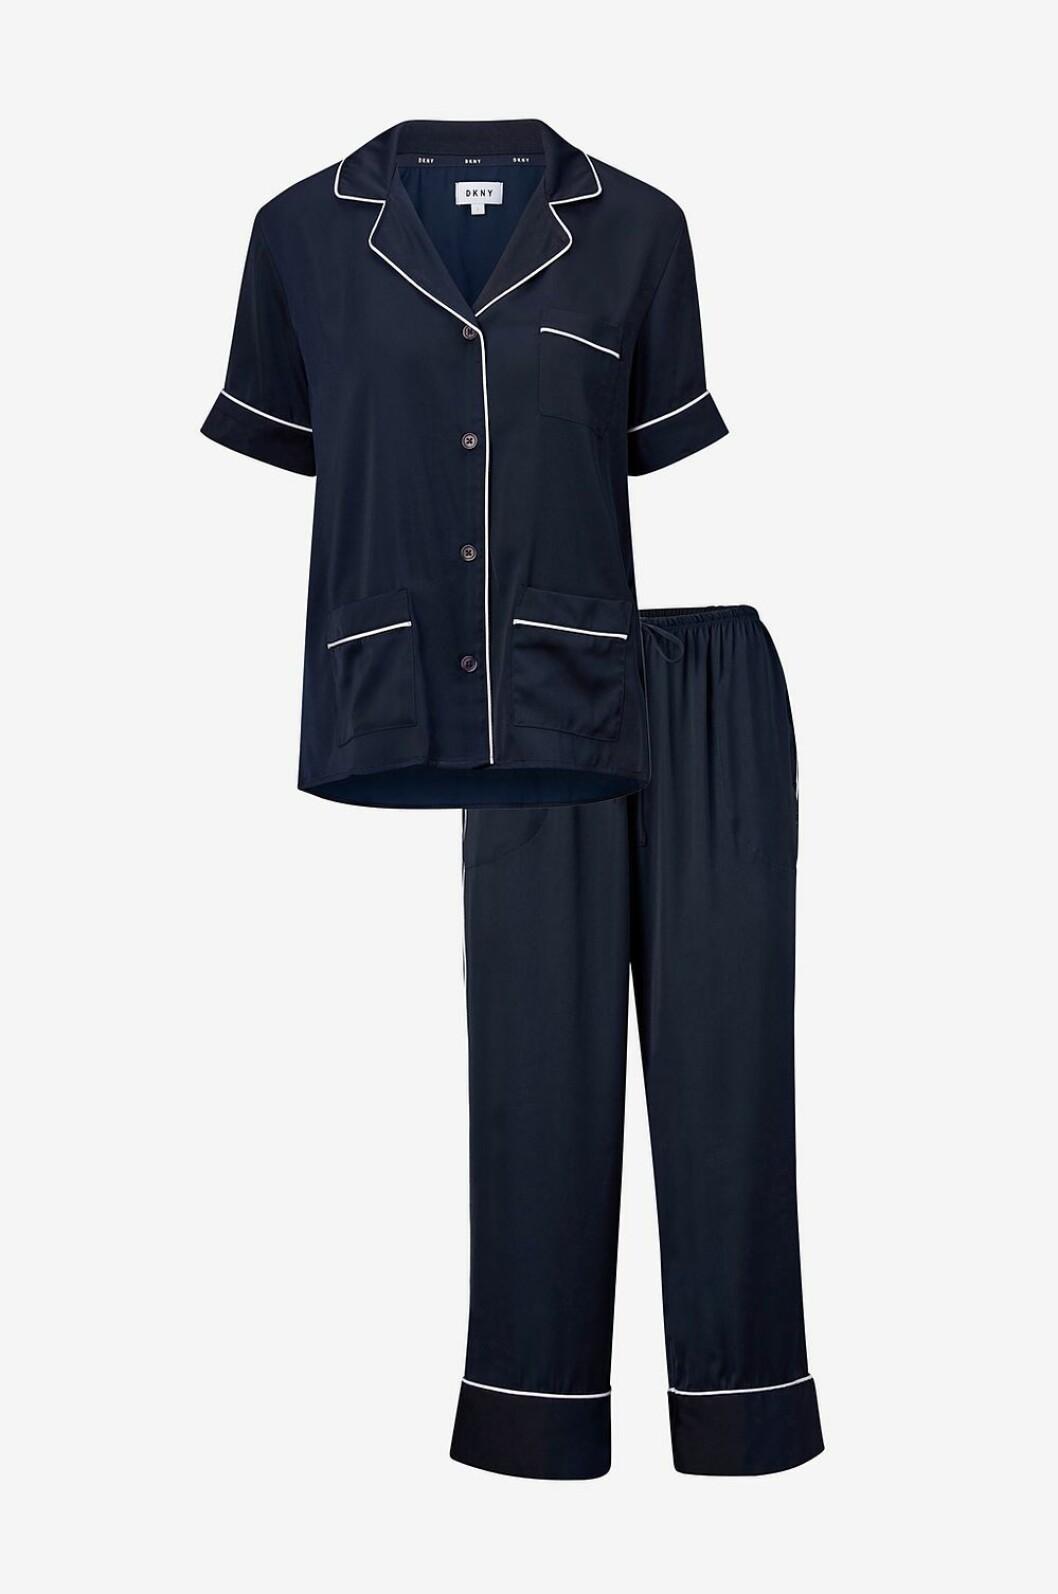 Mörkblå pyjamas till julen